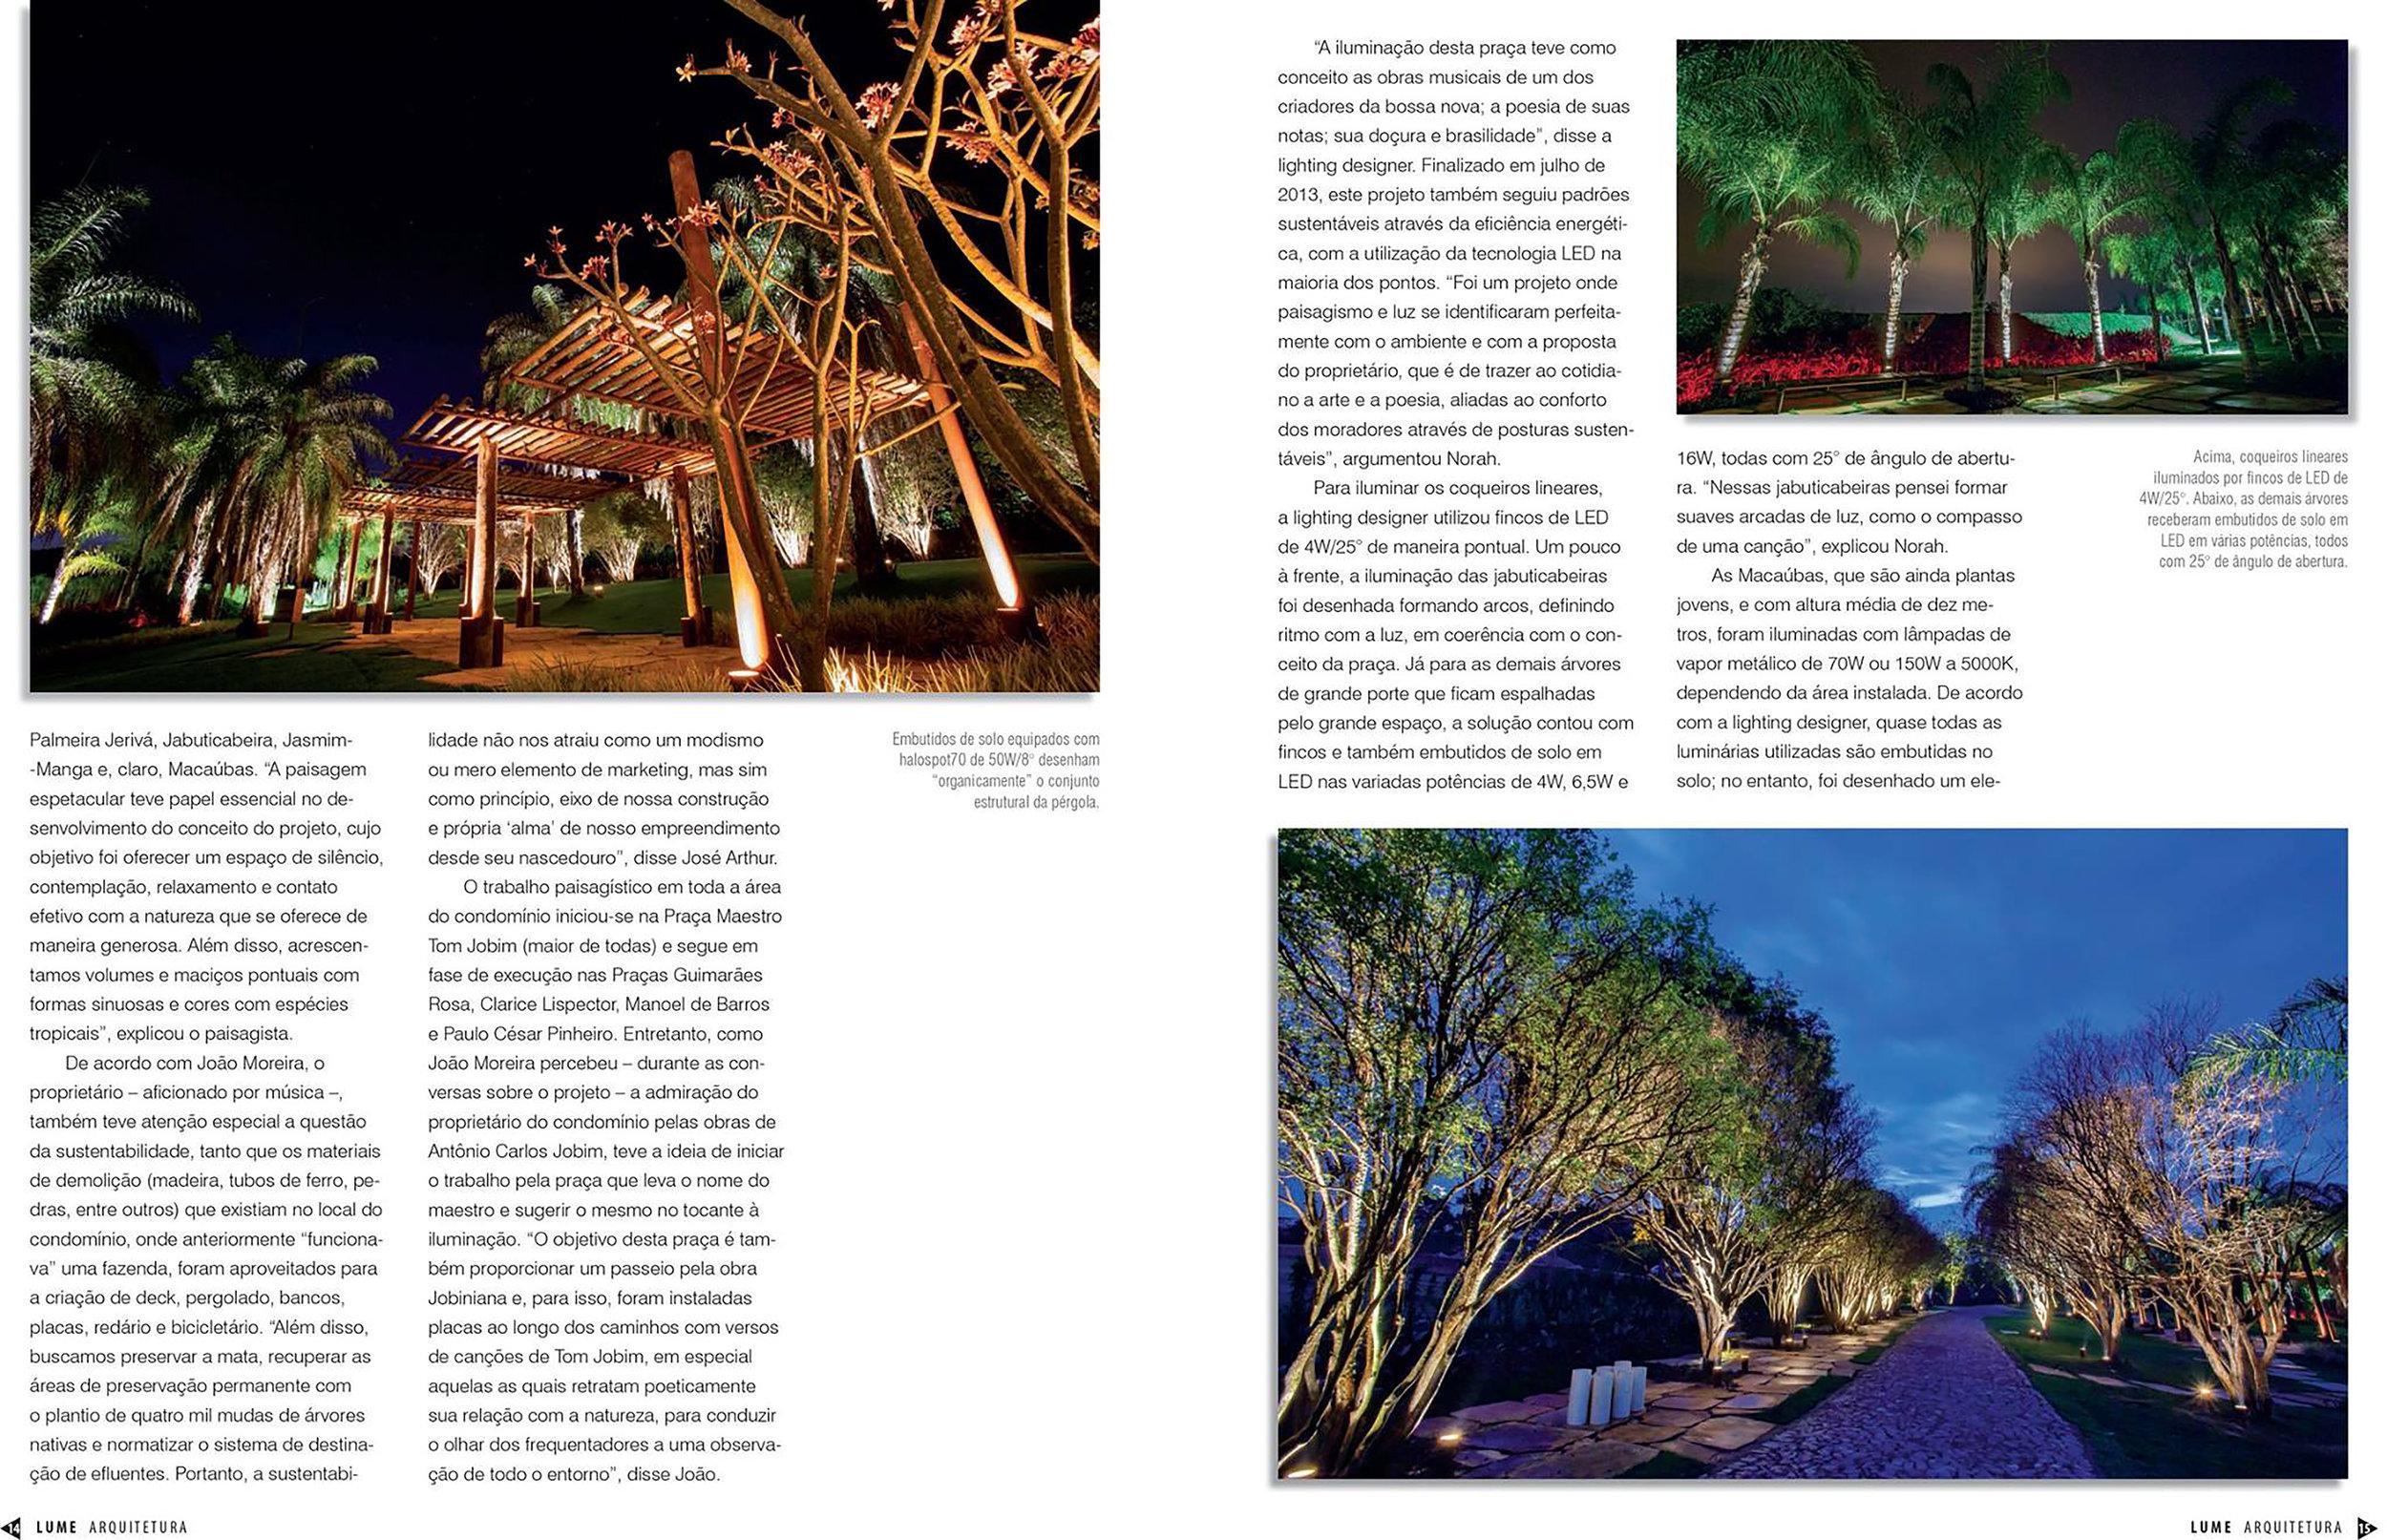 LUME_MACAÚBAS3.jpg